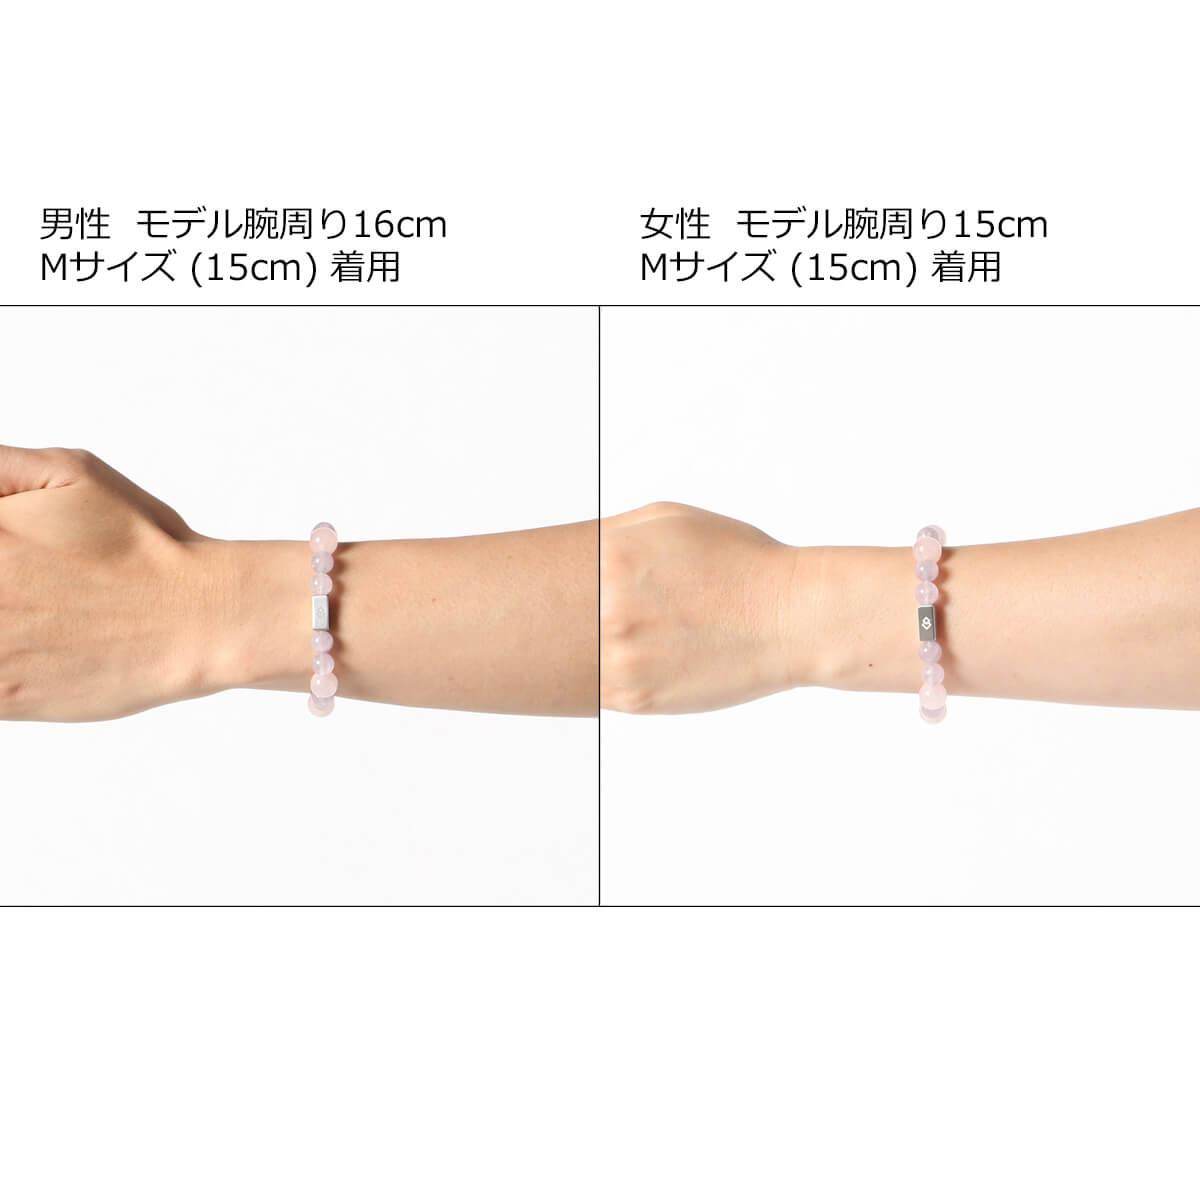 ※「腕周り」は手首から4cm肘寄りの位置で計測しています。